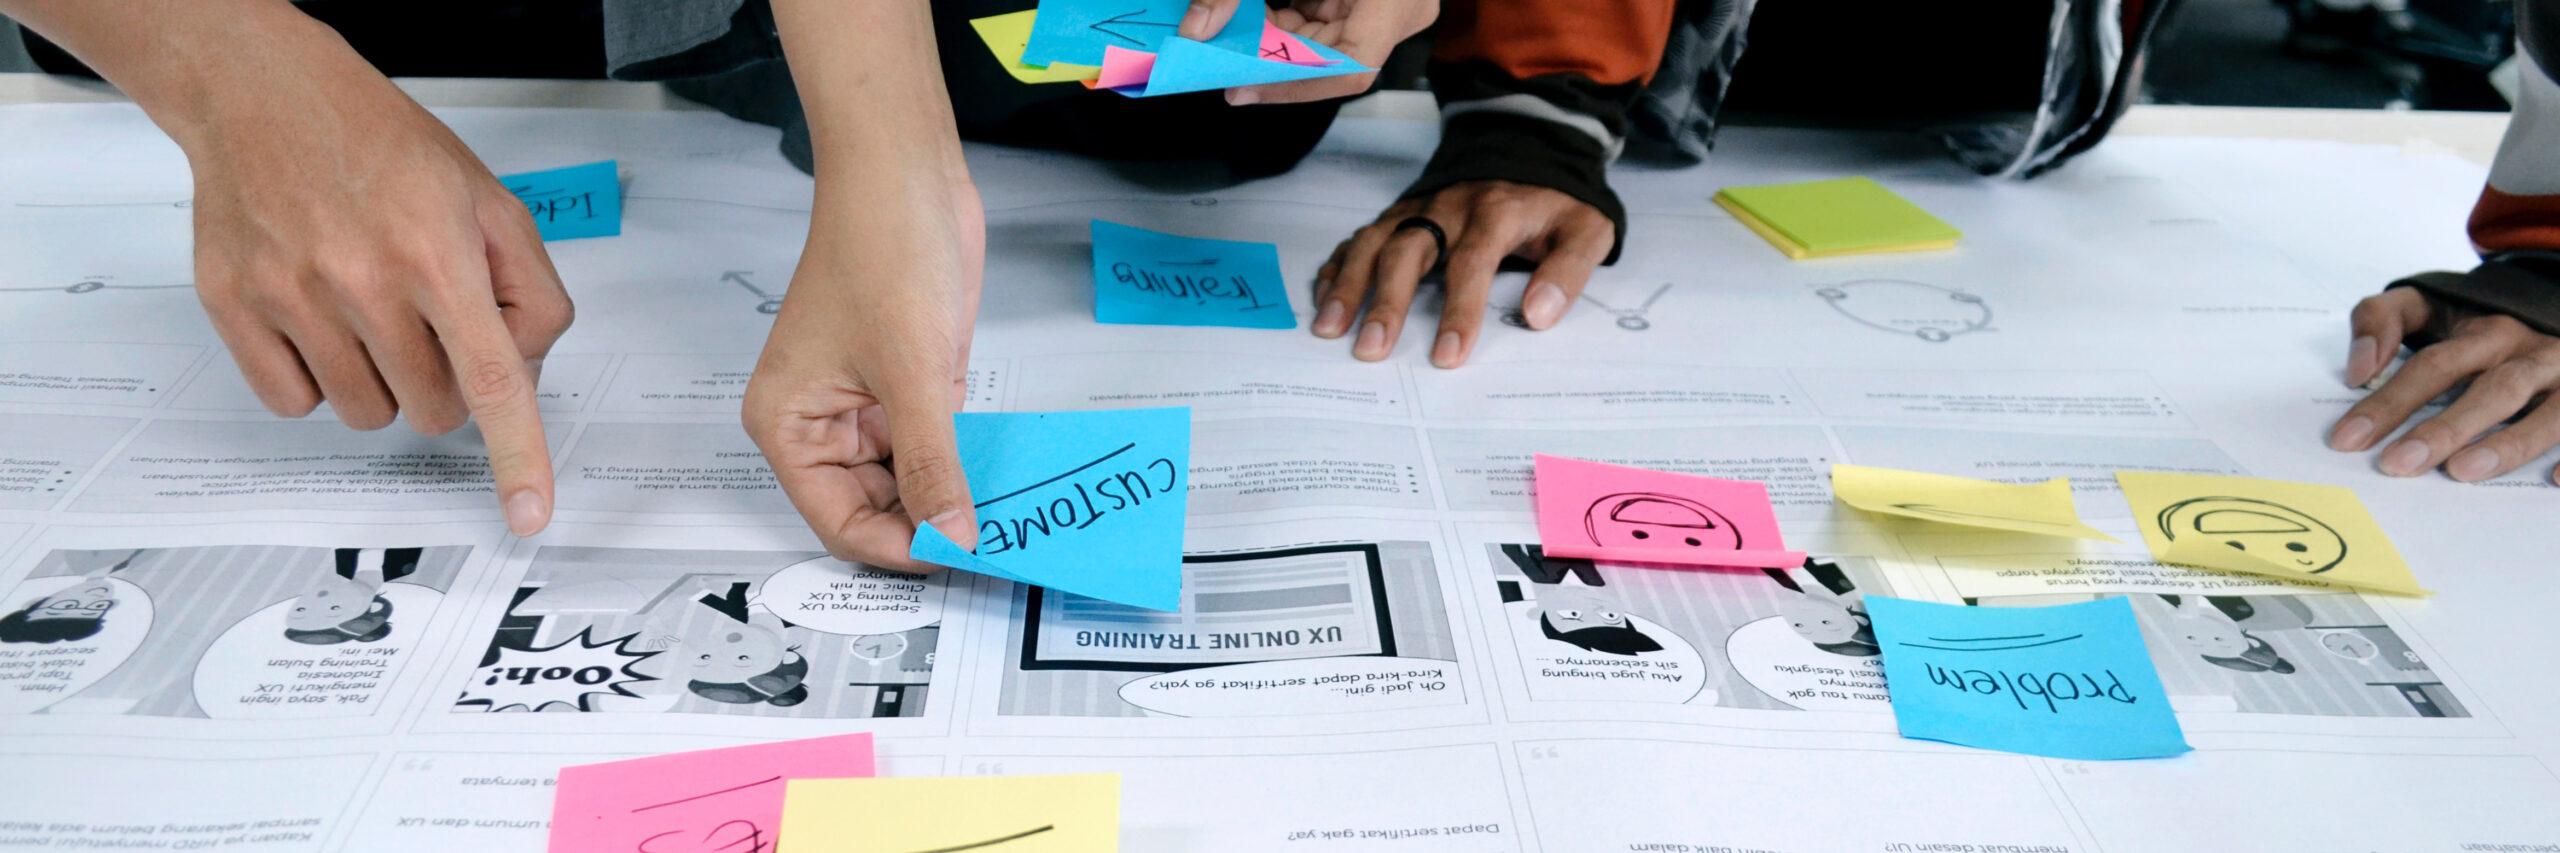 Systemischer Beratungsansatz, agile Methoden, Positive Psychologie: Lernen Sie die Philosophie und Arbeitsweise von Normann Consulting kennen. Das Bild zeigt Hände, die Post-its mit Aufschriften sortieren.